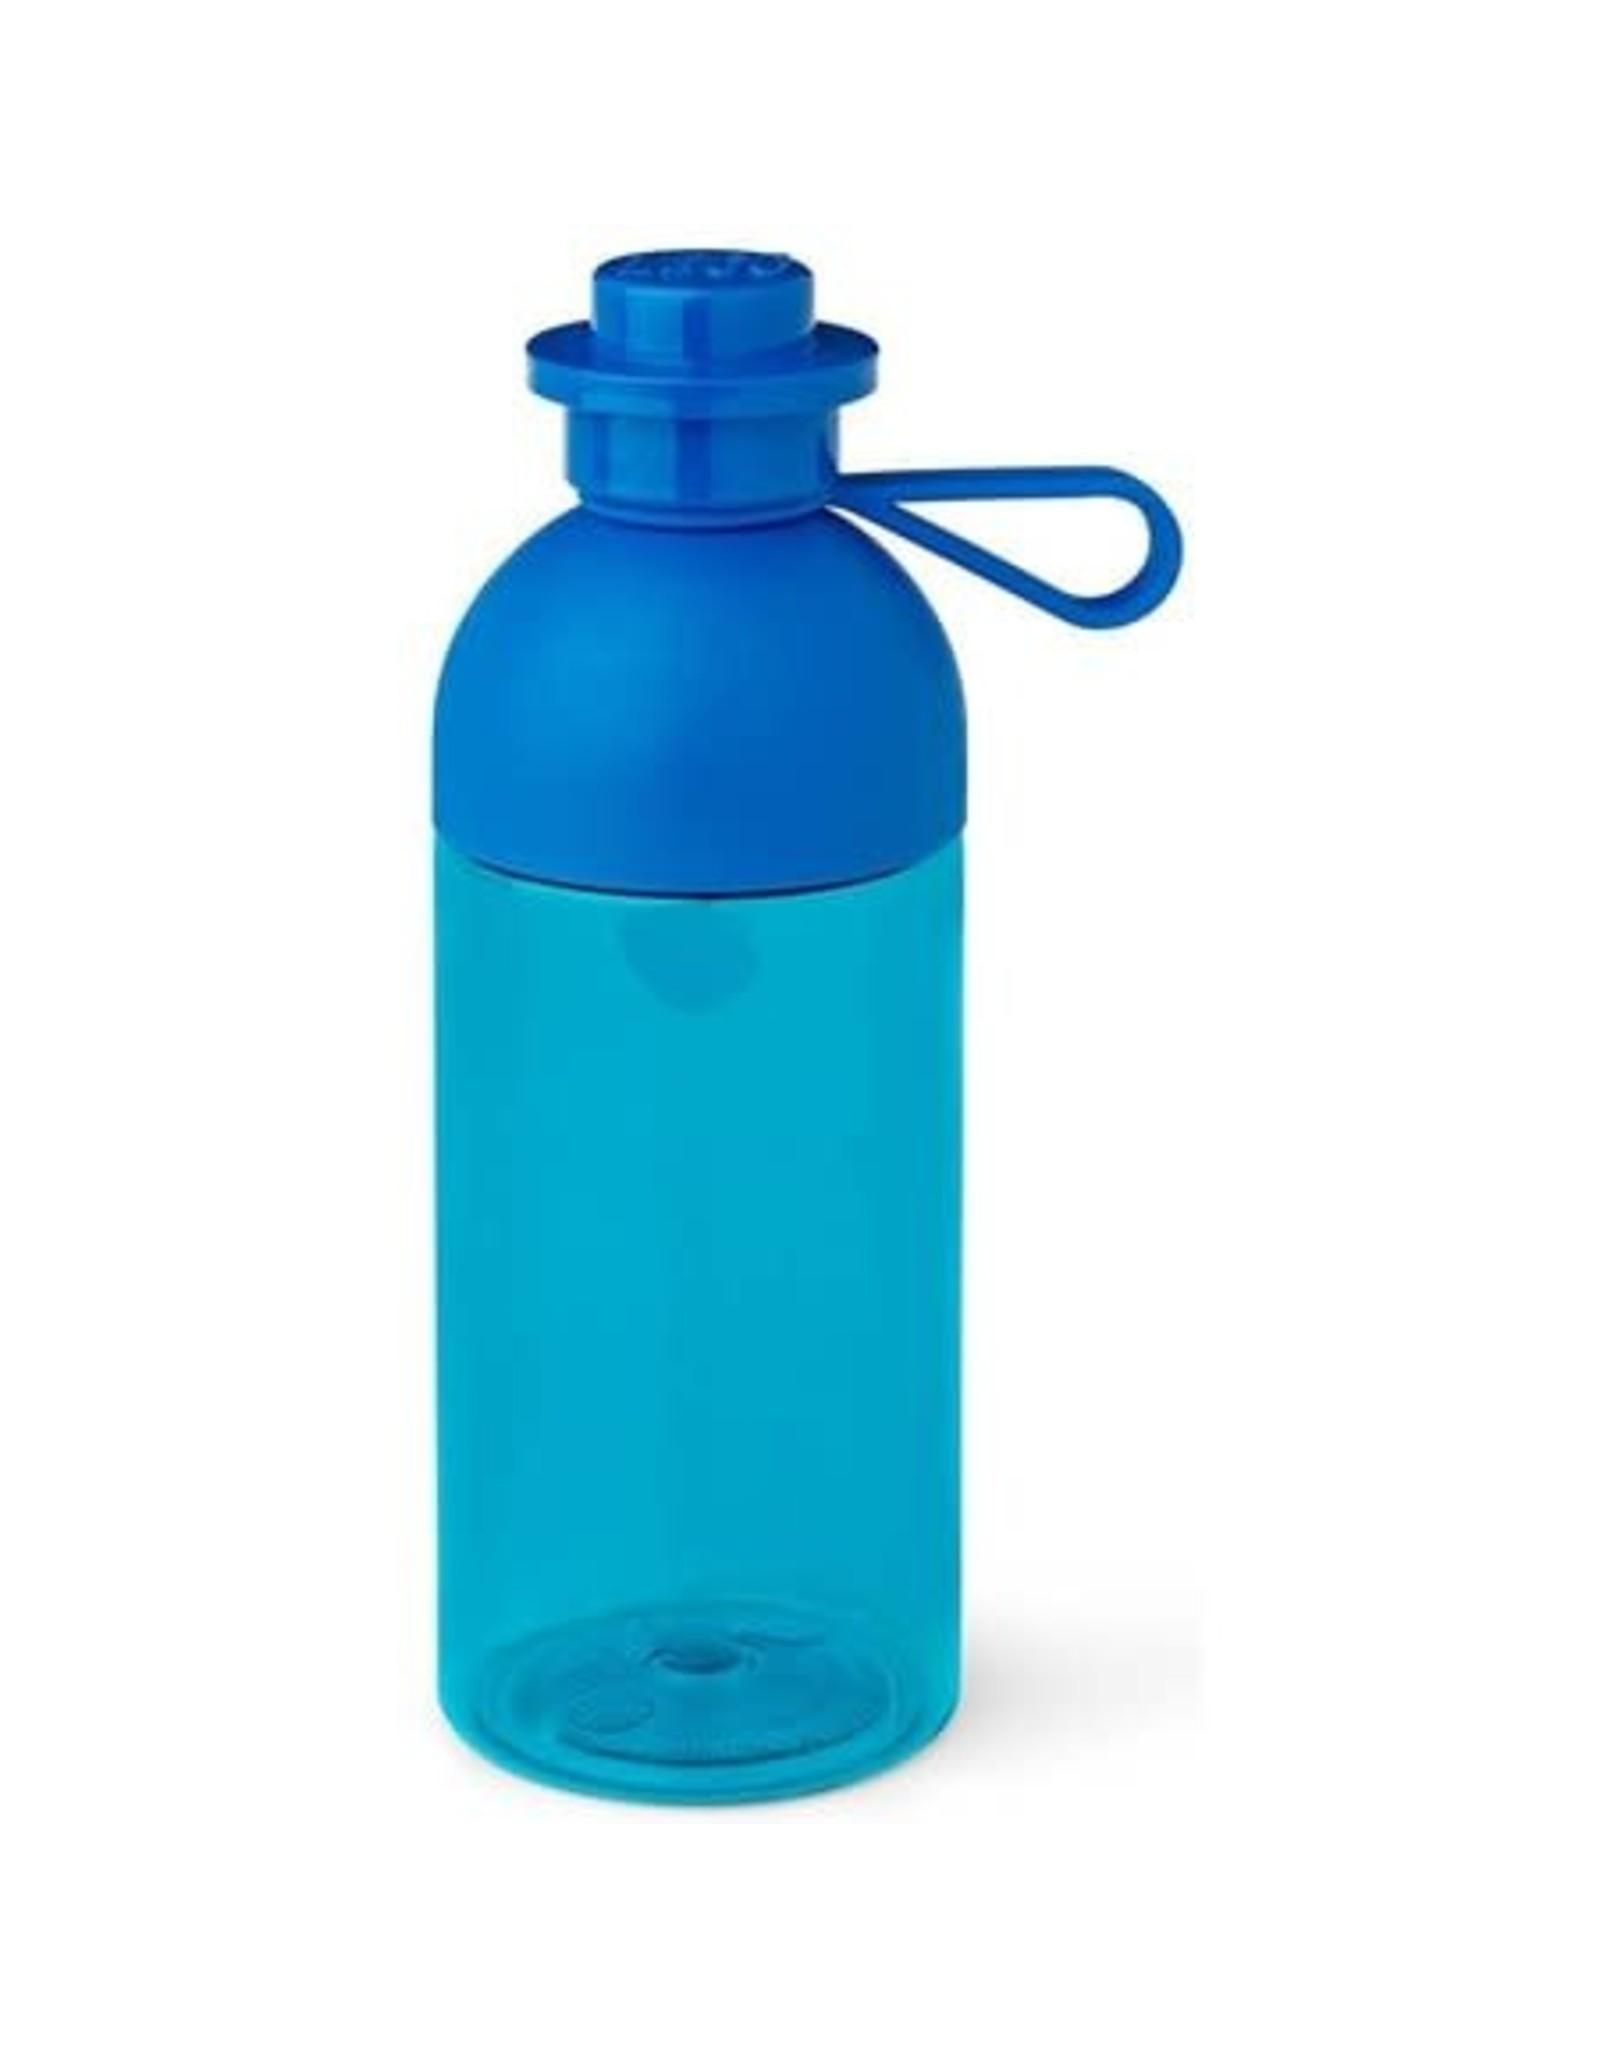 Lego Drinkbeker Lego Hydration 500 ml Blauw